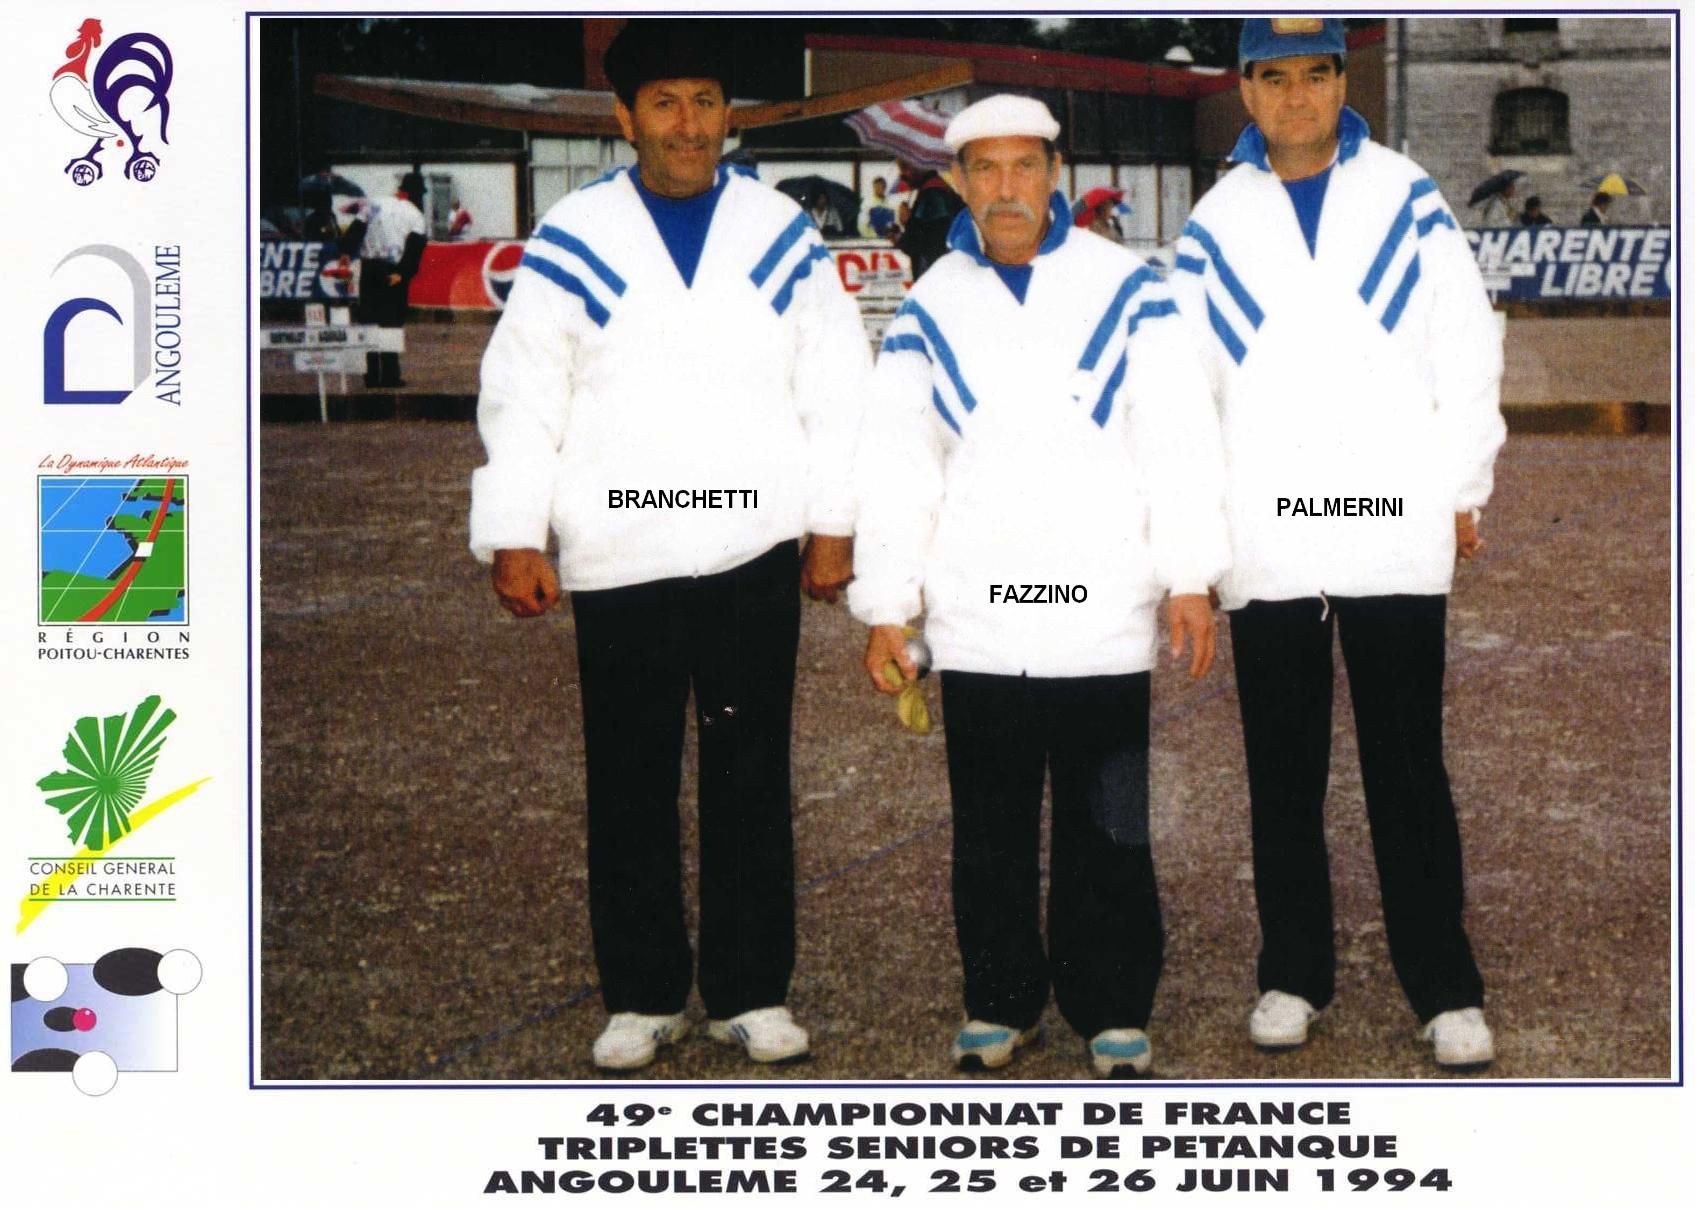 Antoine FAZZINO